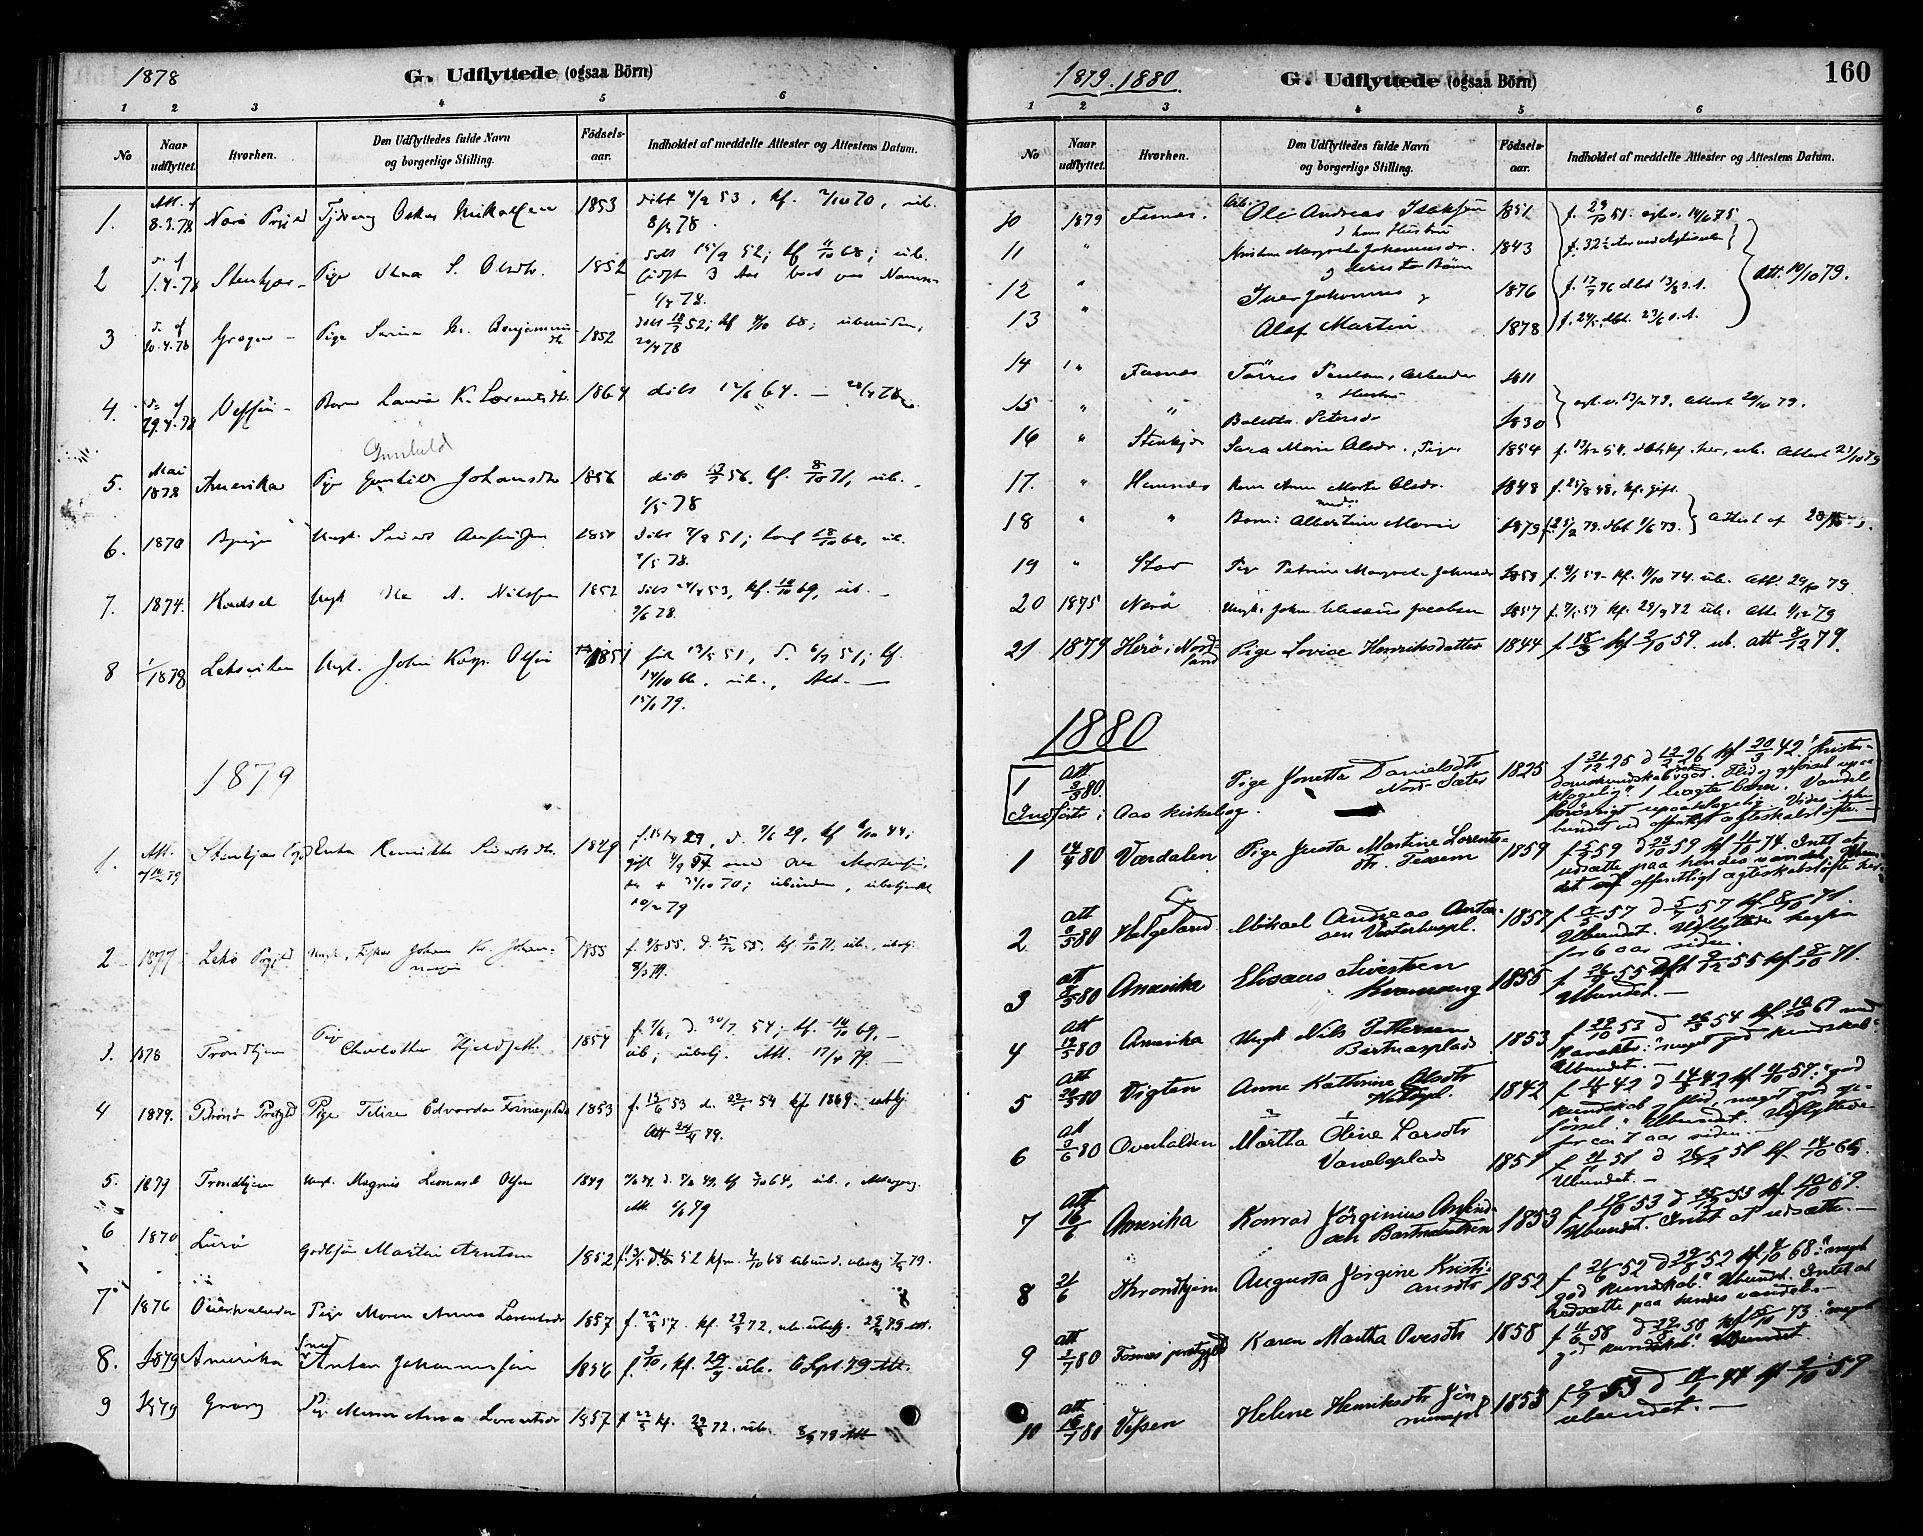 SAT, Ministerialprotokoller, klokkerbøker og fødselsregistre - Nord-Trøndelag, 741/L0395: Ministerialbok nr. 741A09, 1878-1888, s. 160